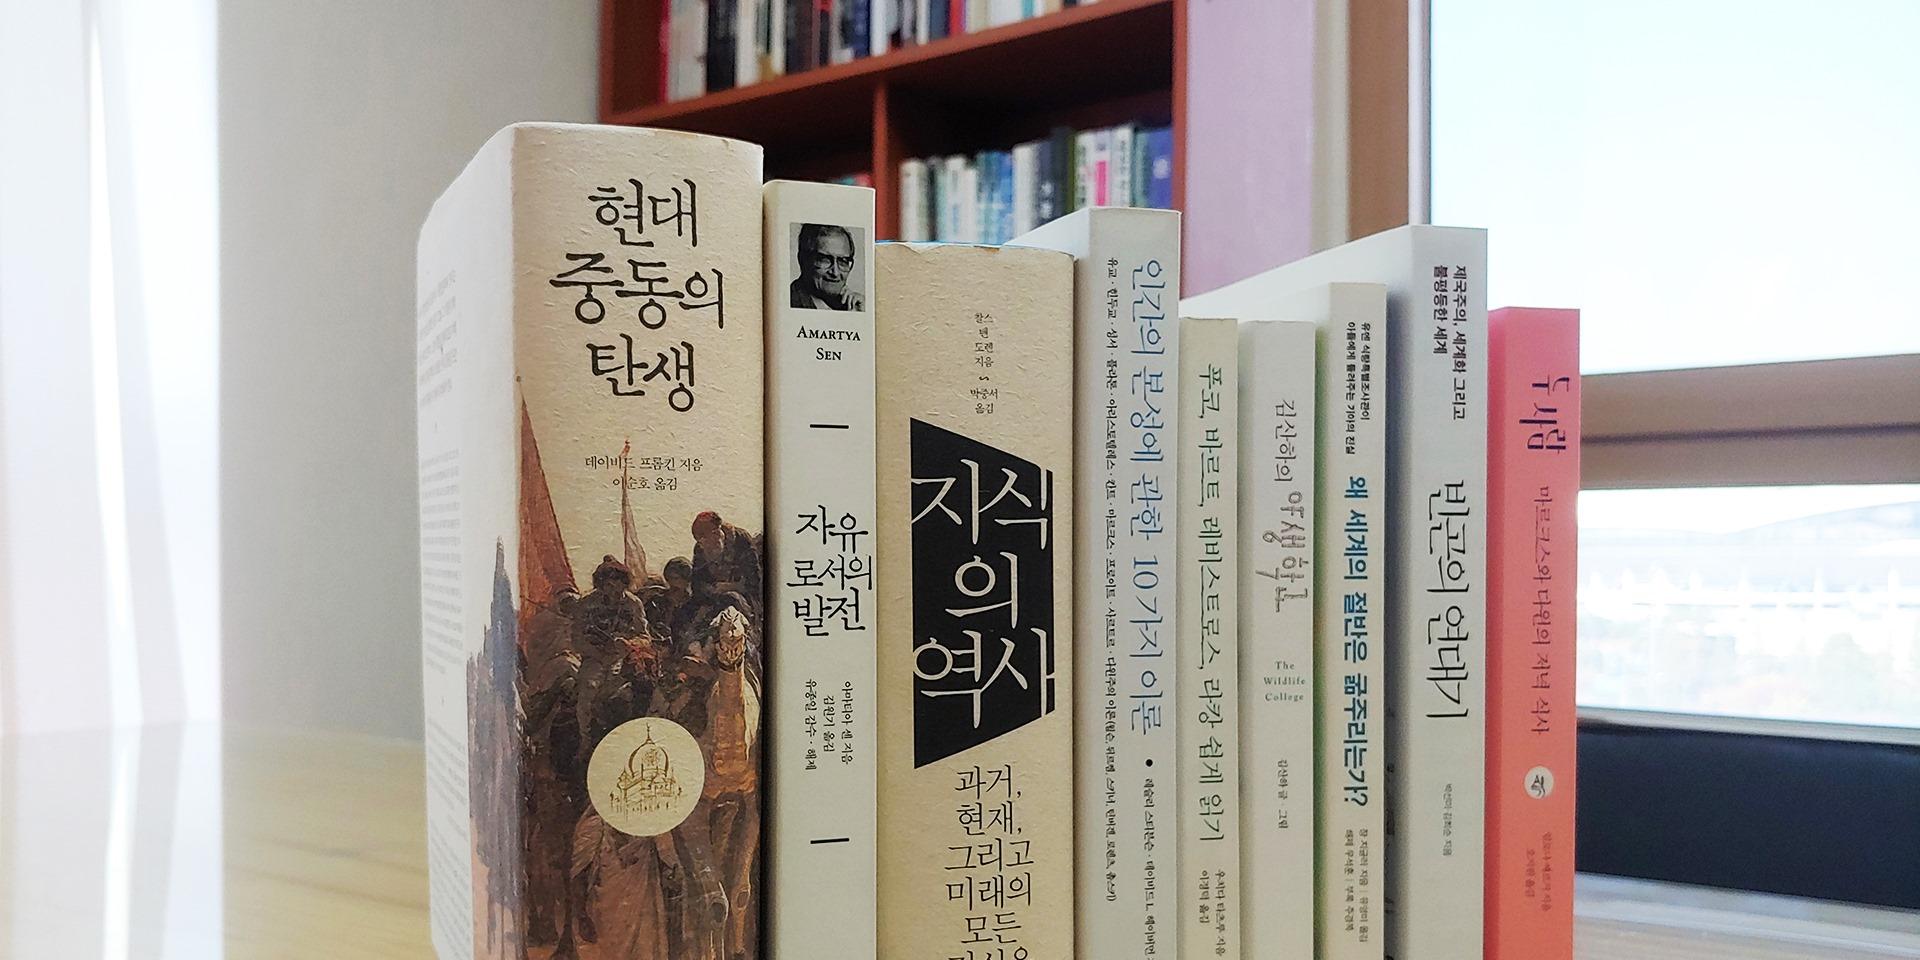 [우리시대, 독립출판] 도서출판 갈라파고스